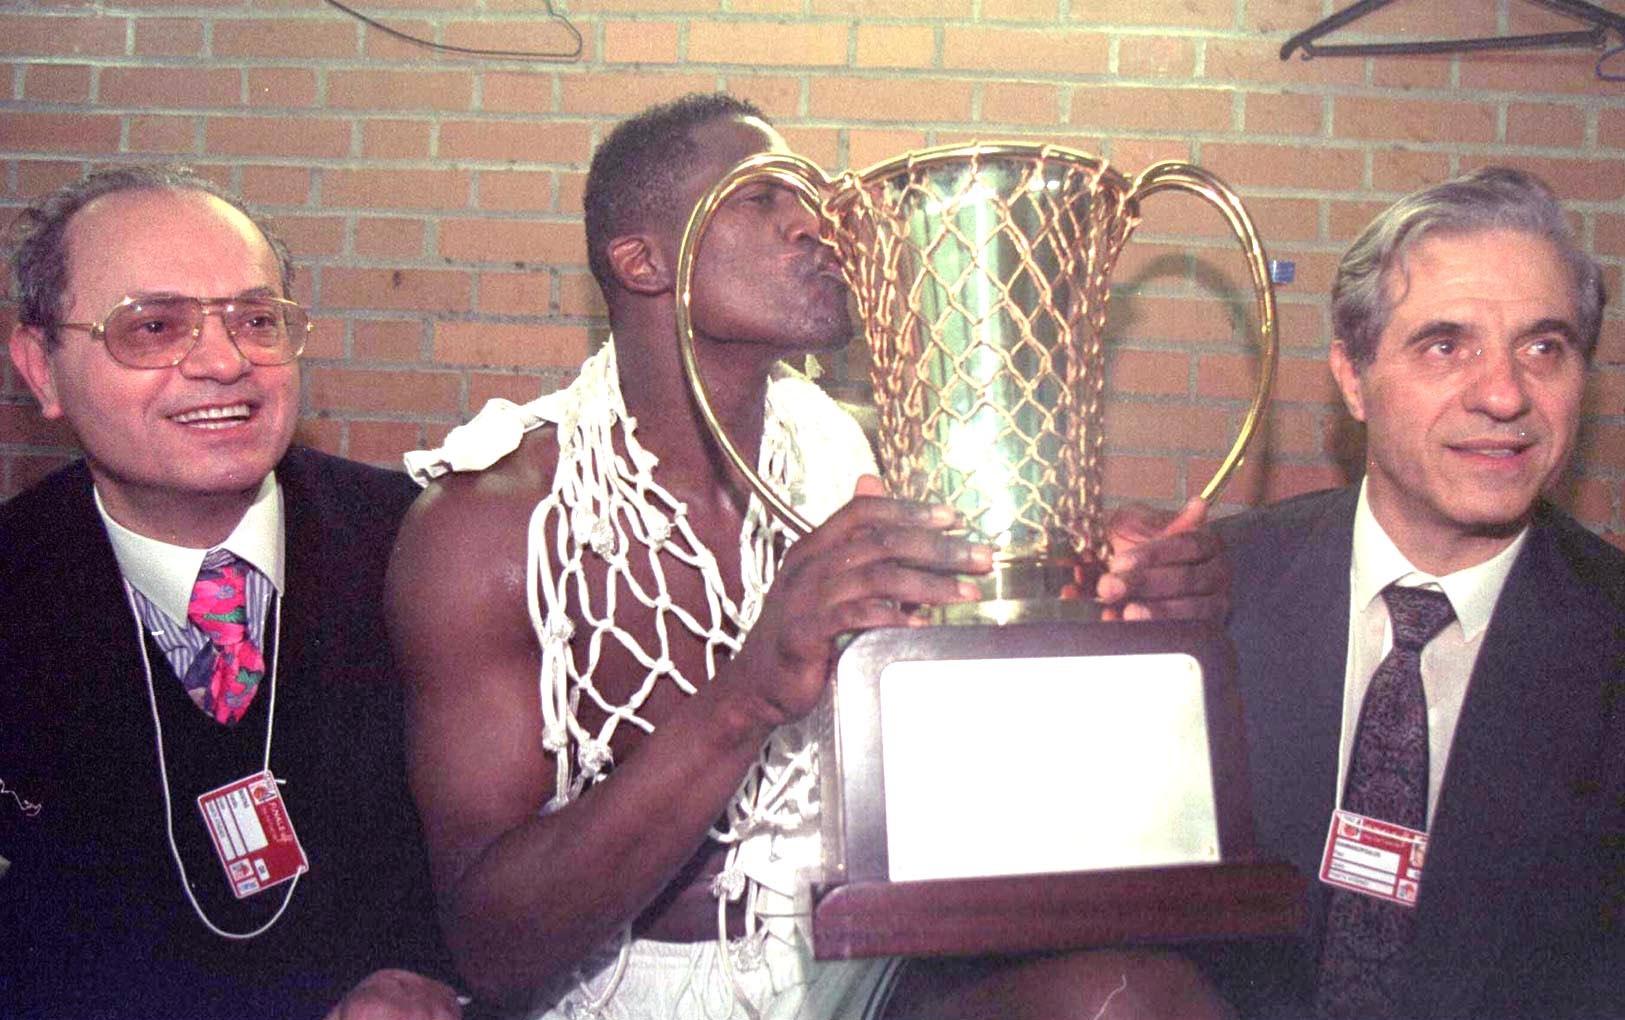 Παναθηναϊκός Μπαρτσελόνα 1996: Ο Ντομινίκ φιλάει το Κύπελλο με τους αδελφούς Γιαννακόπουλους δίπλα του